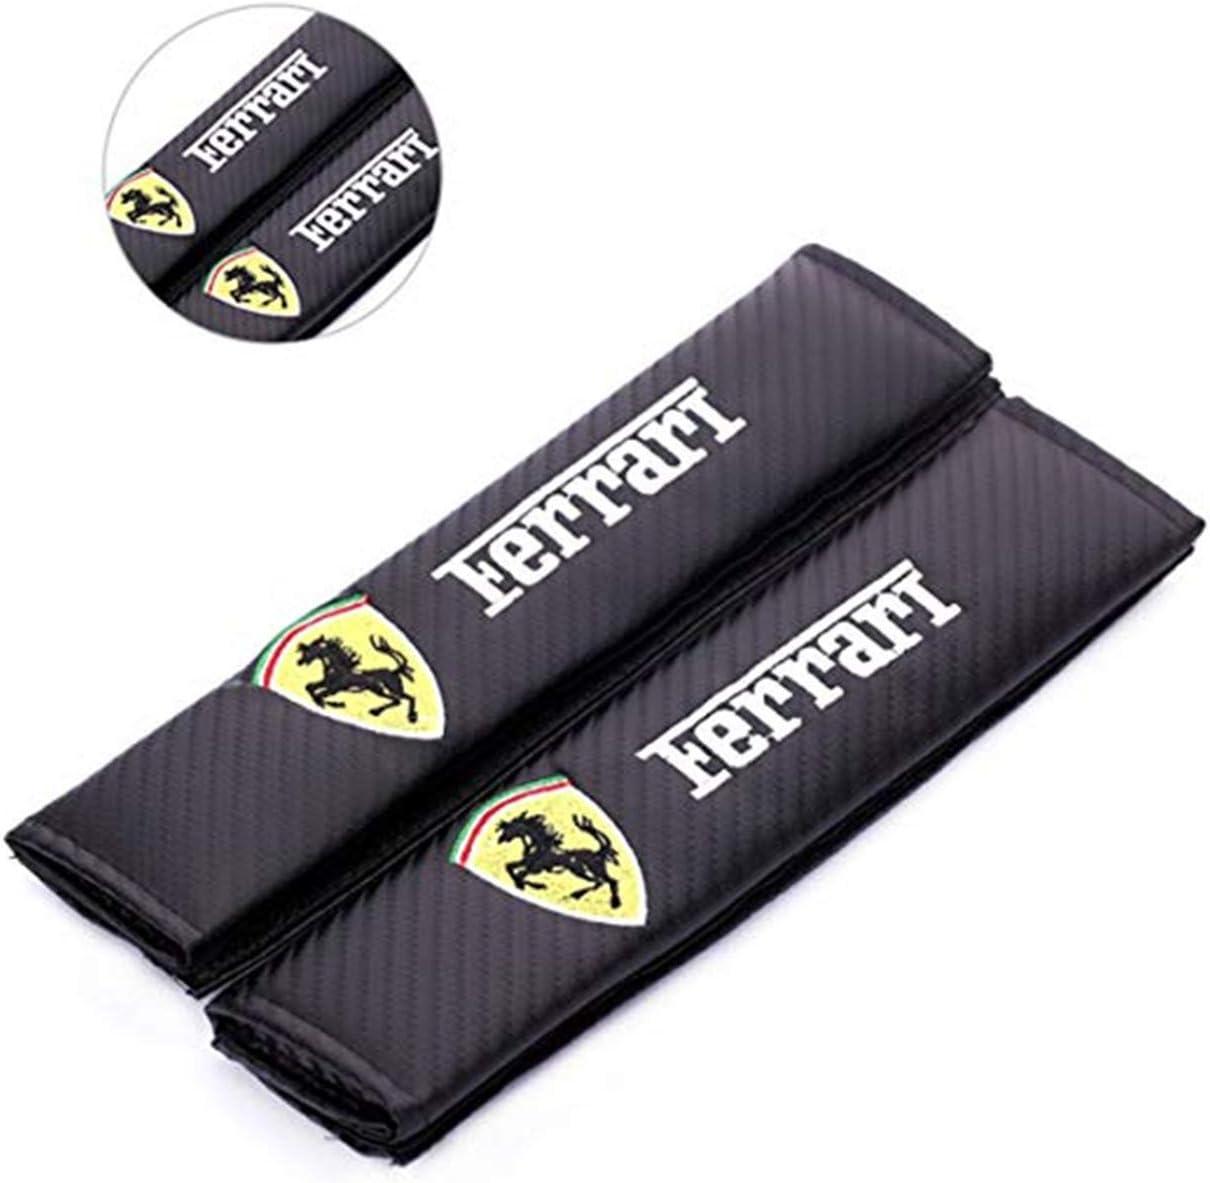 Muchkey 2 pcs coussin de ceinture de s/écurit/é de voiture en fibre de carbone couvrant le coussin de ceinture de s/écurit/é avec blanc sport autocollant r/éfl/échissant pour xc90 v90 s90